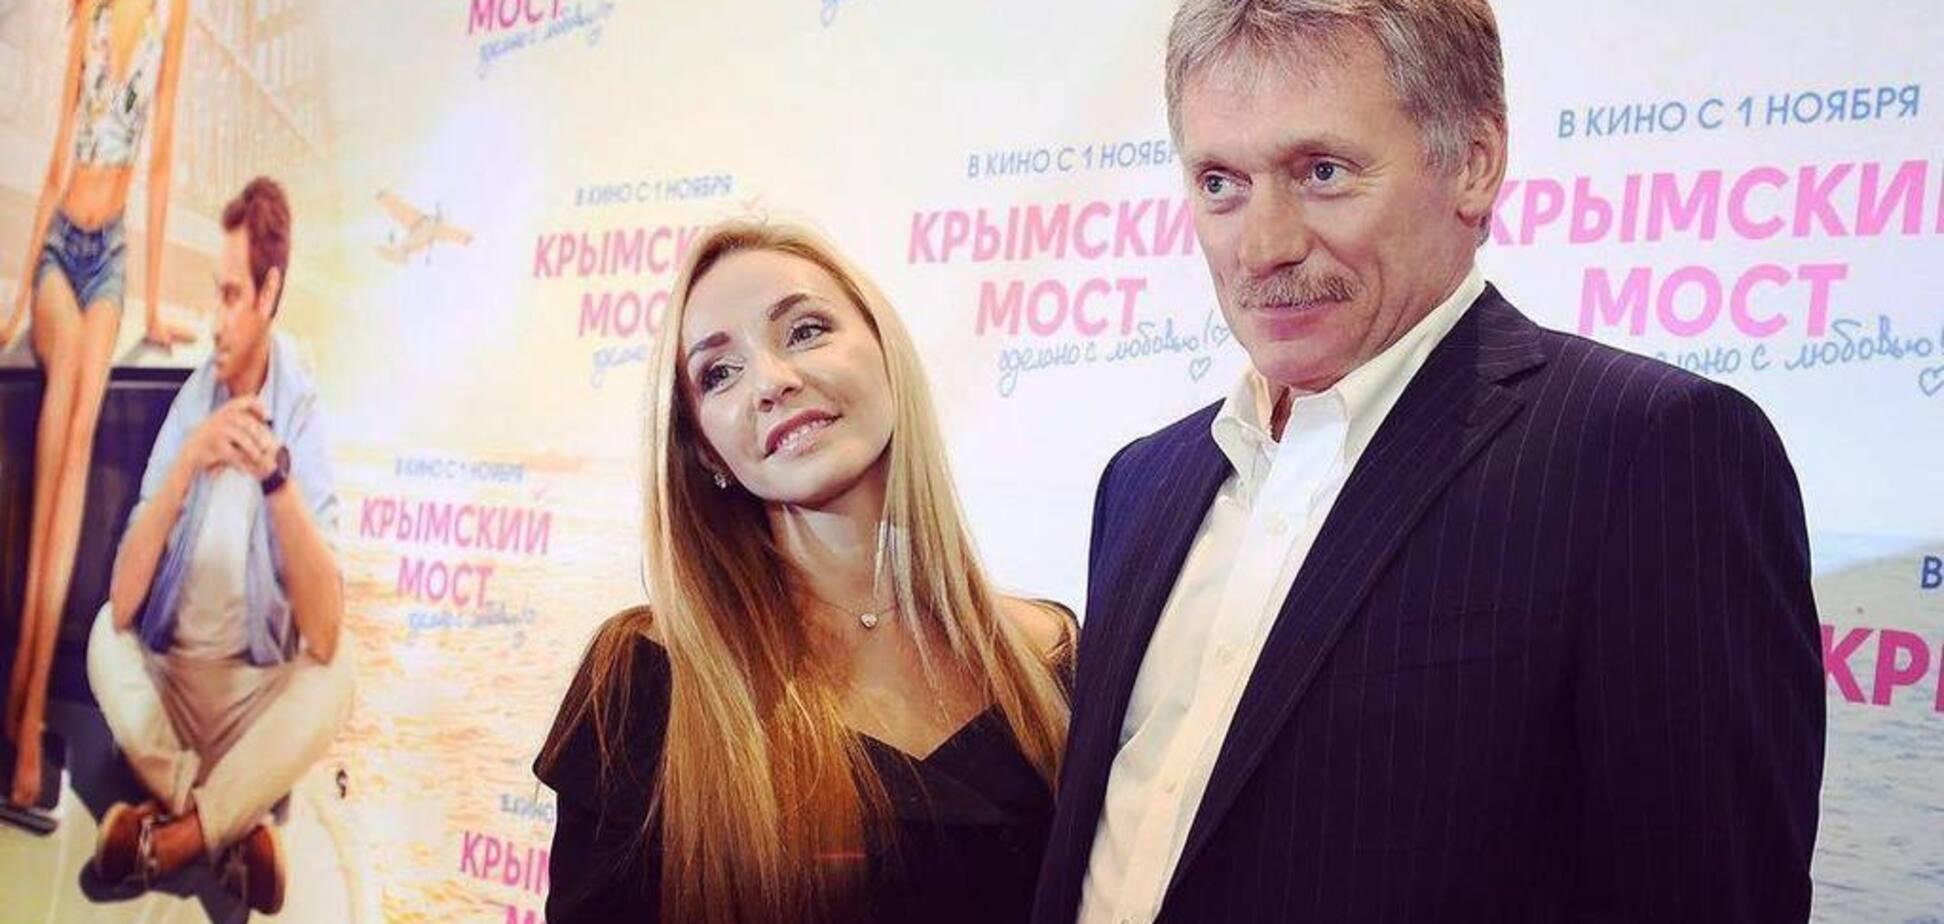 Дружина правої руки Путіна оголилася на відпочинку: з'явилося відео